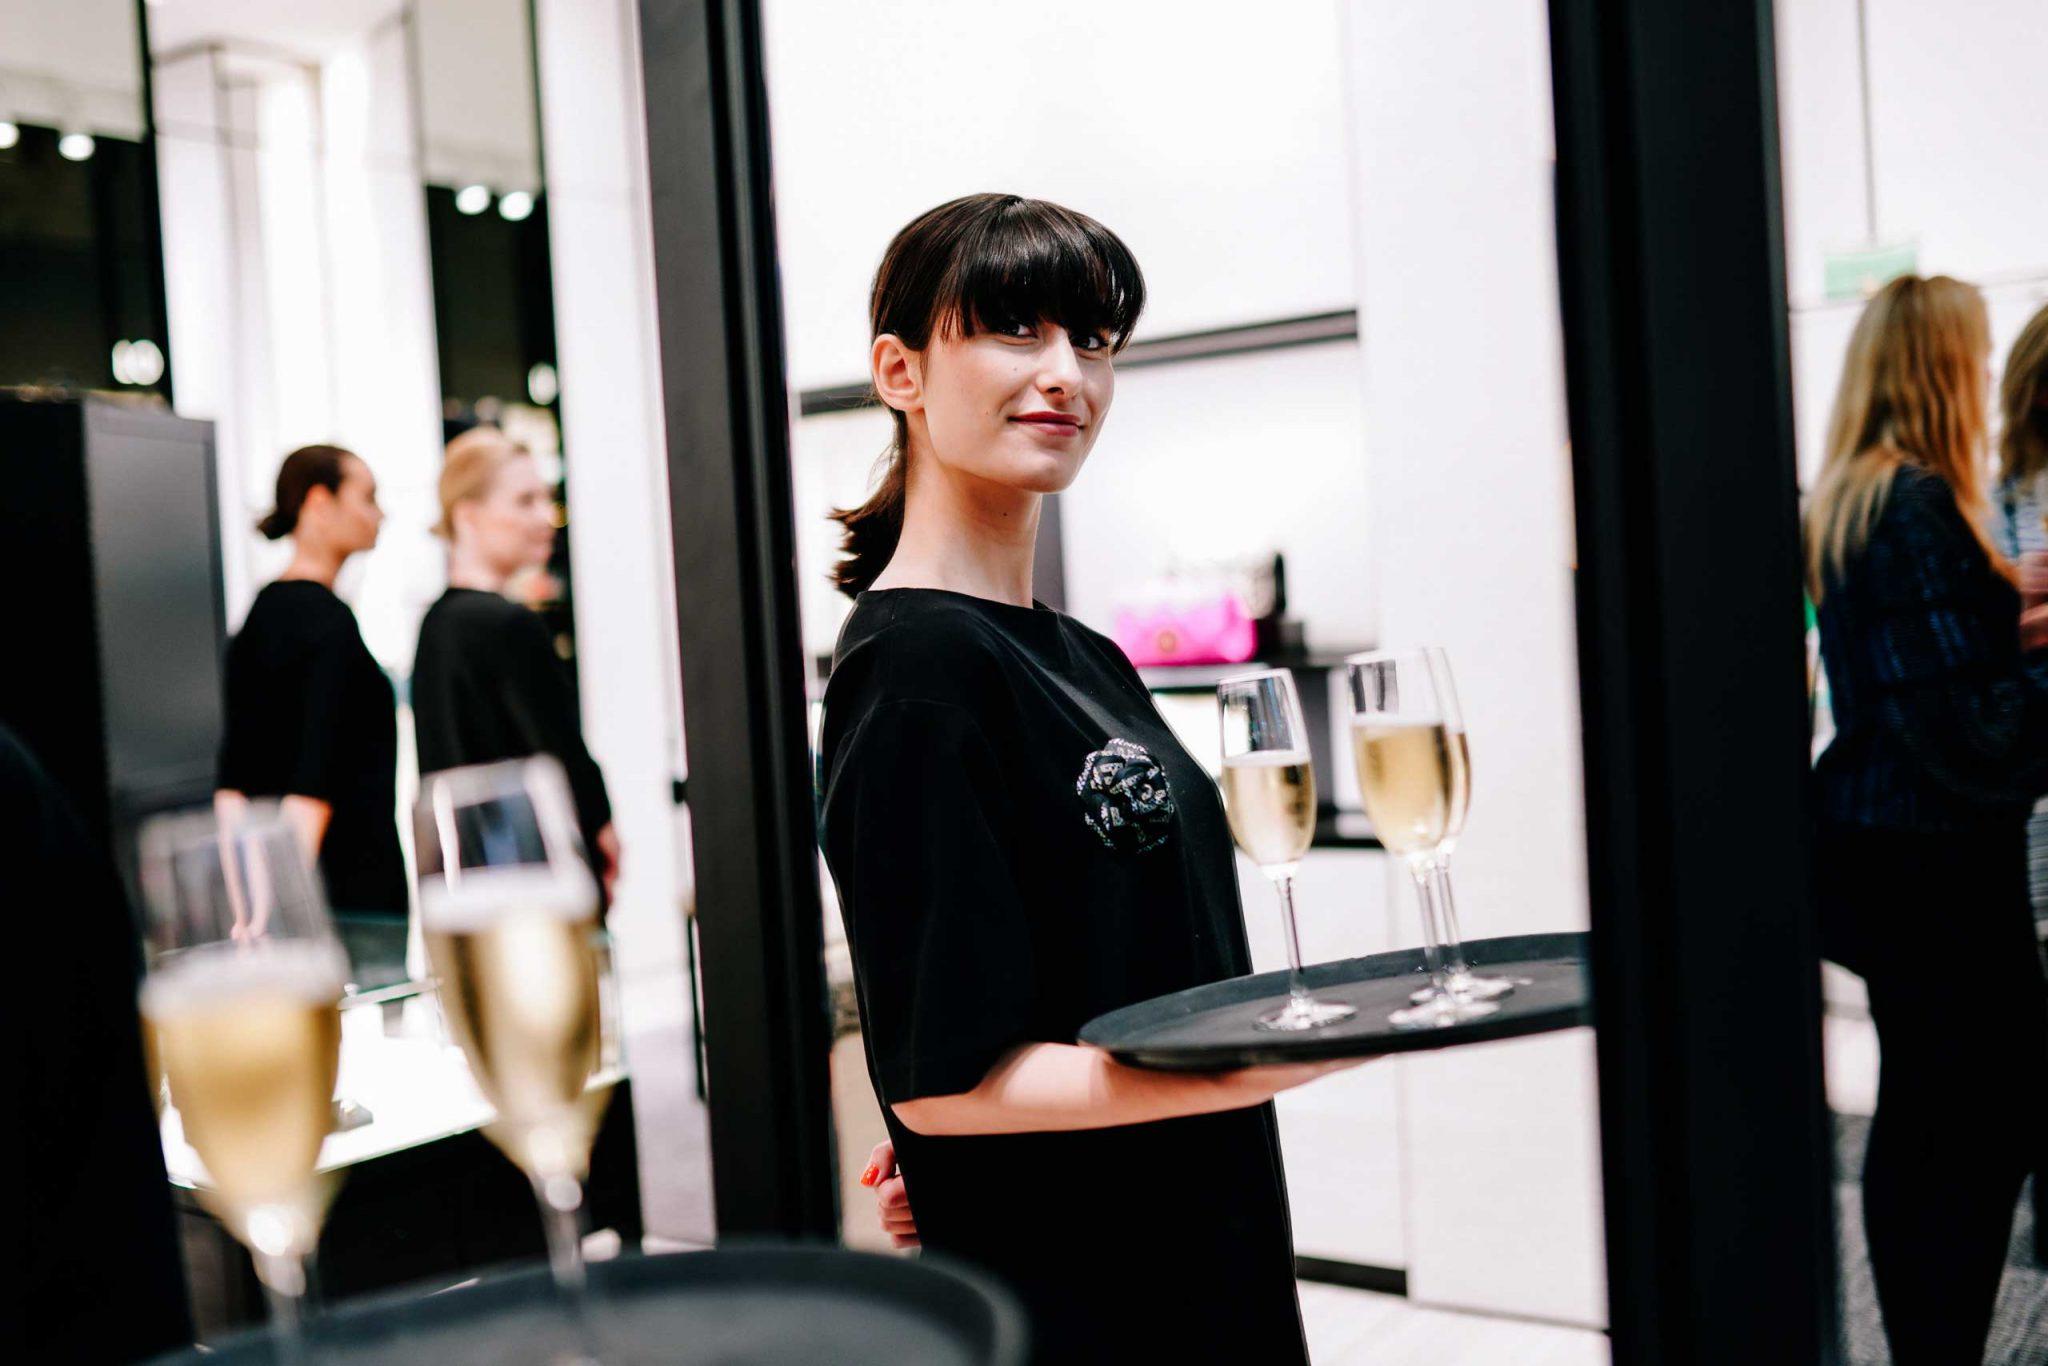 Chanel_Boutique_Cocktail_event_Ilsoo_van_Dijk_07122019-01137